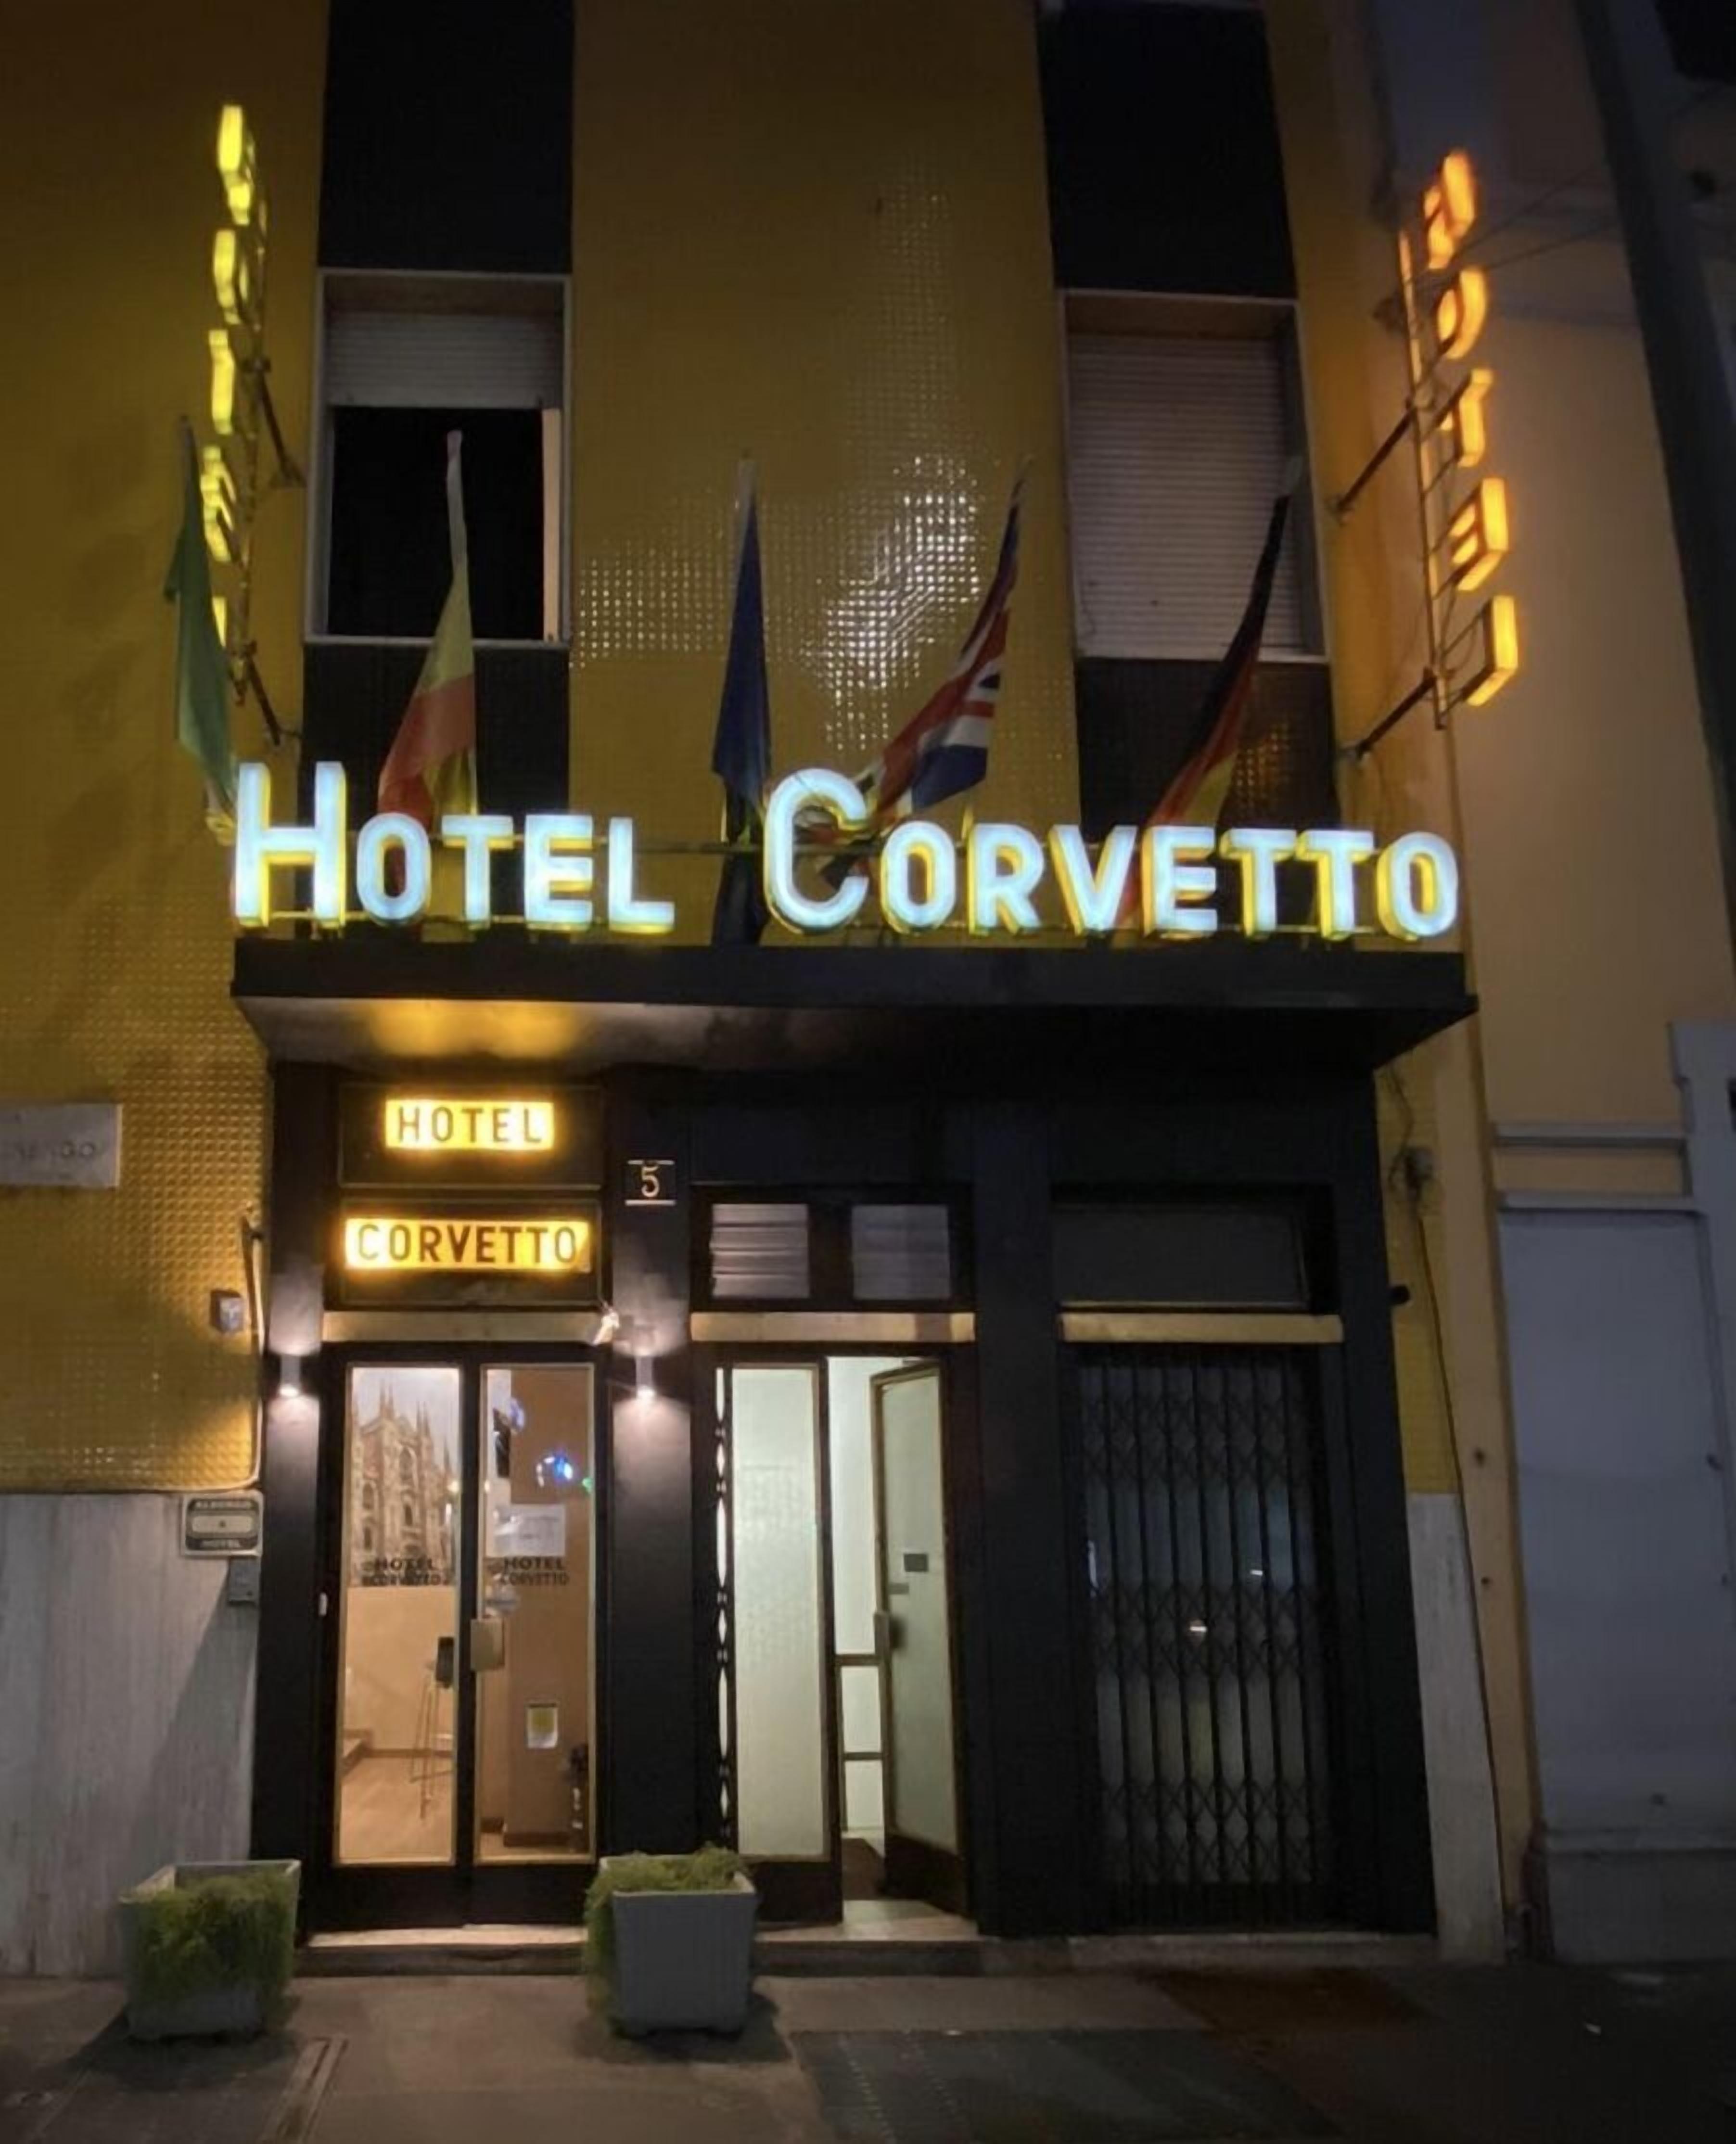 Hotel Corvetto